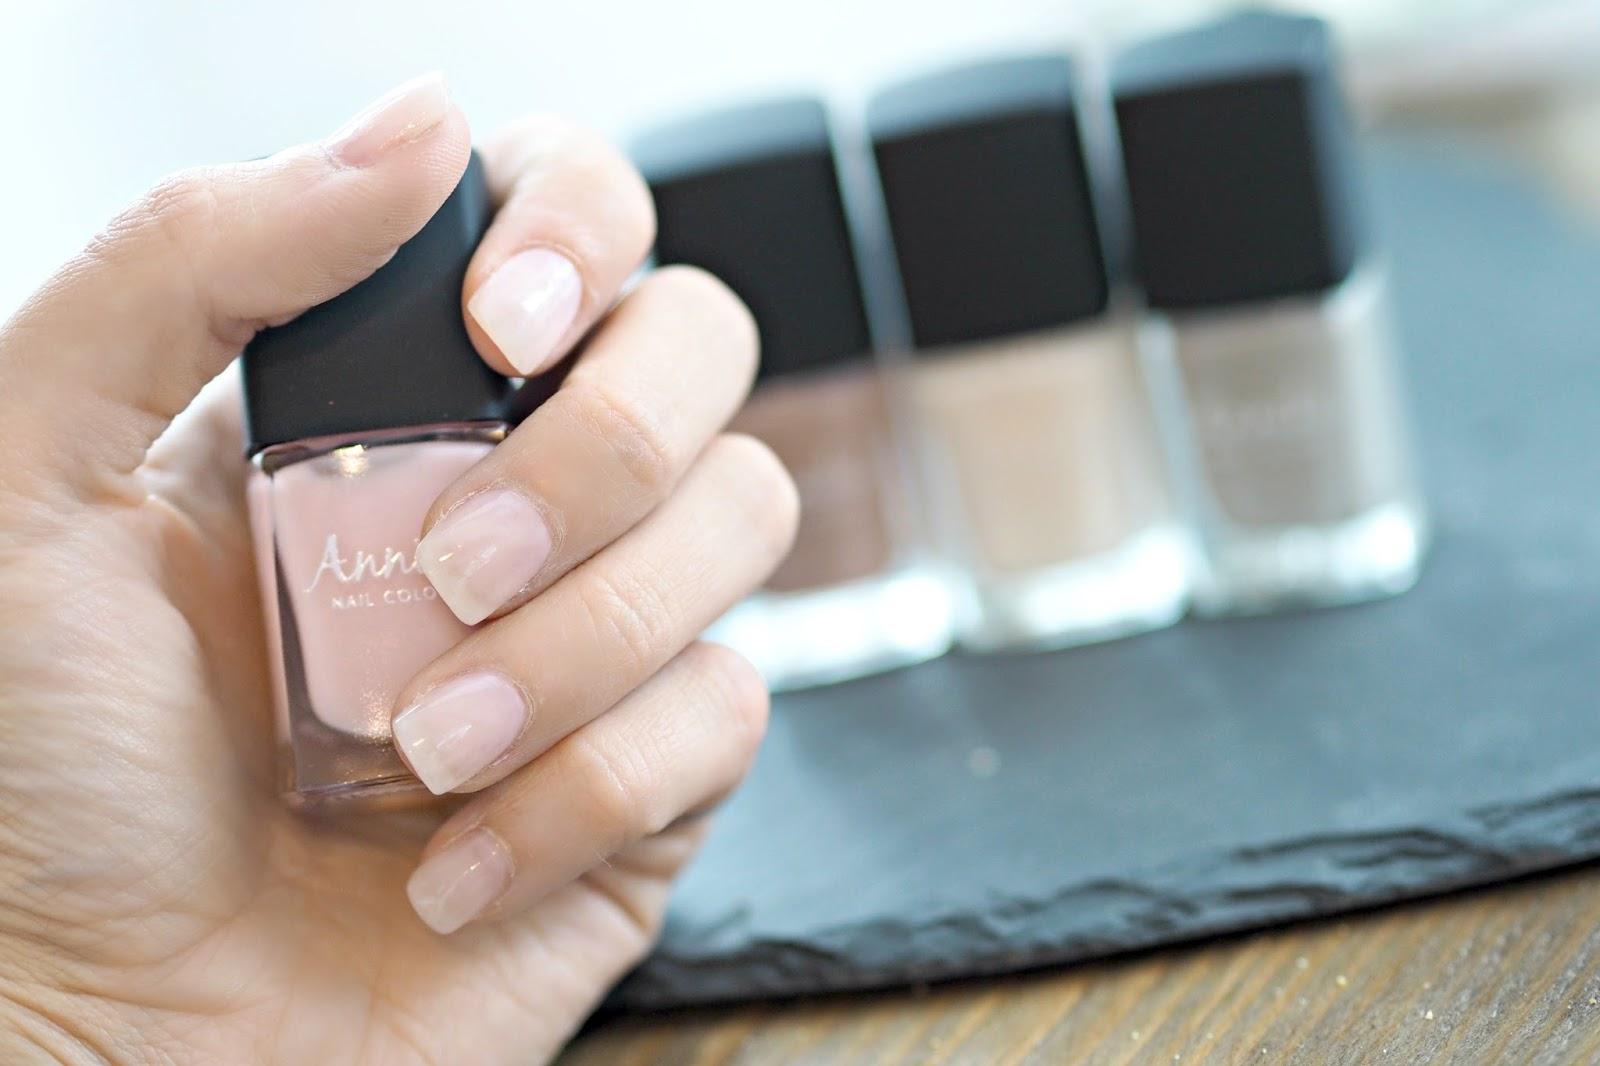 nail polish review by blogger